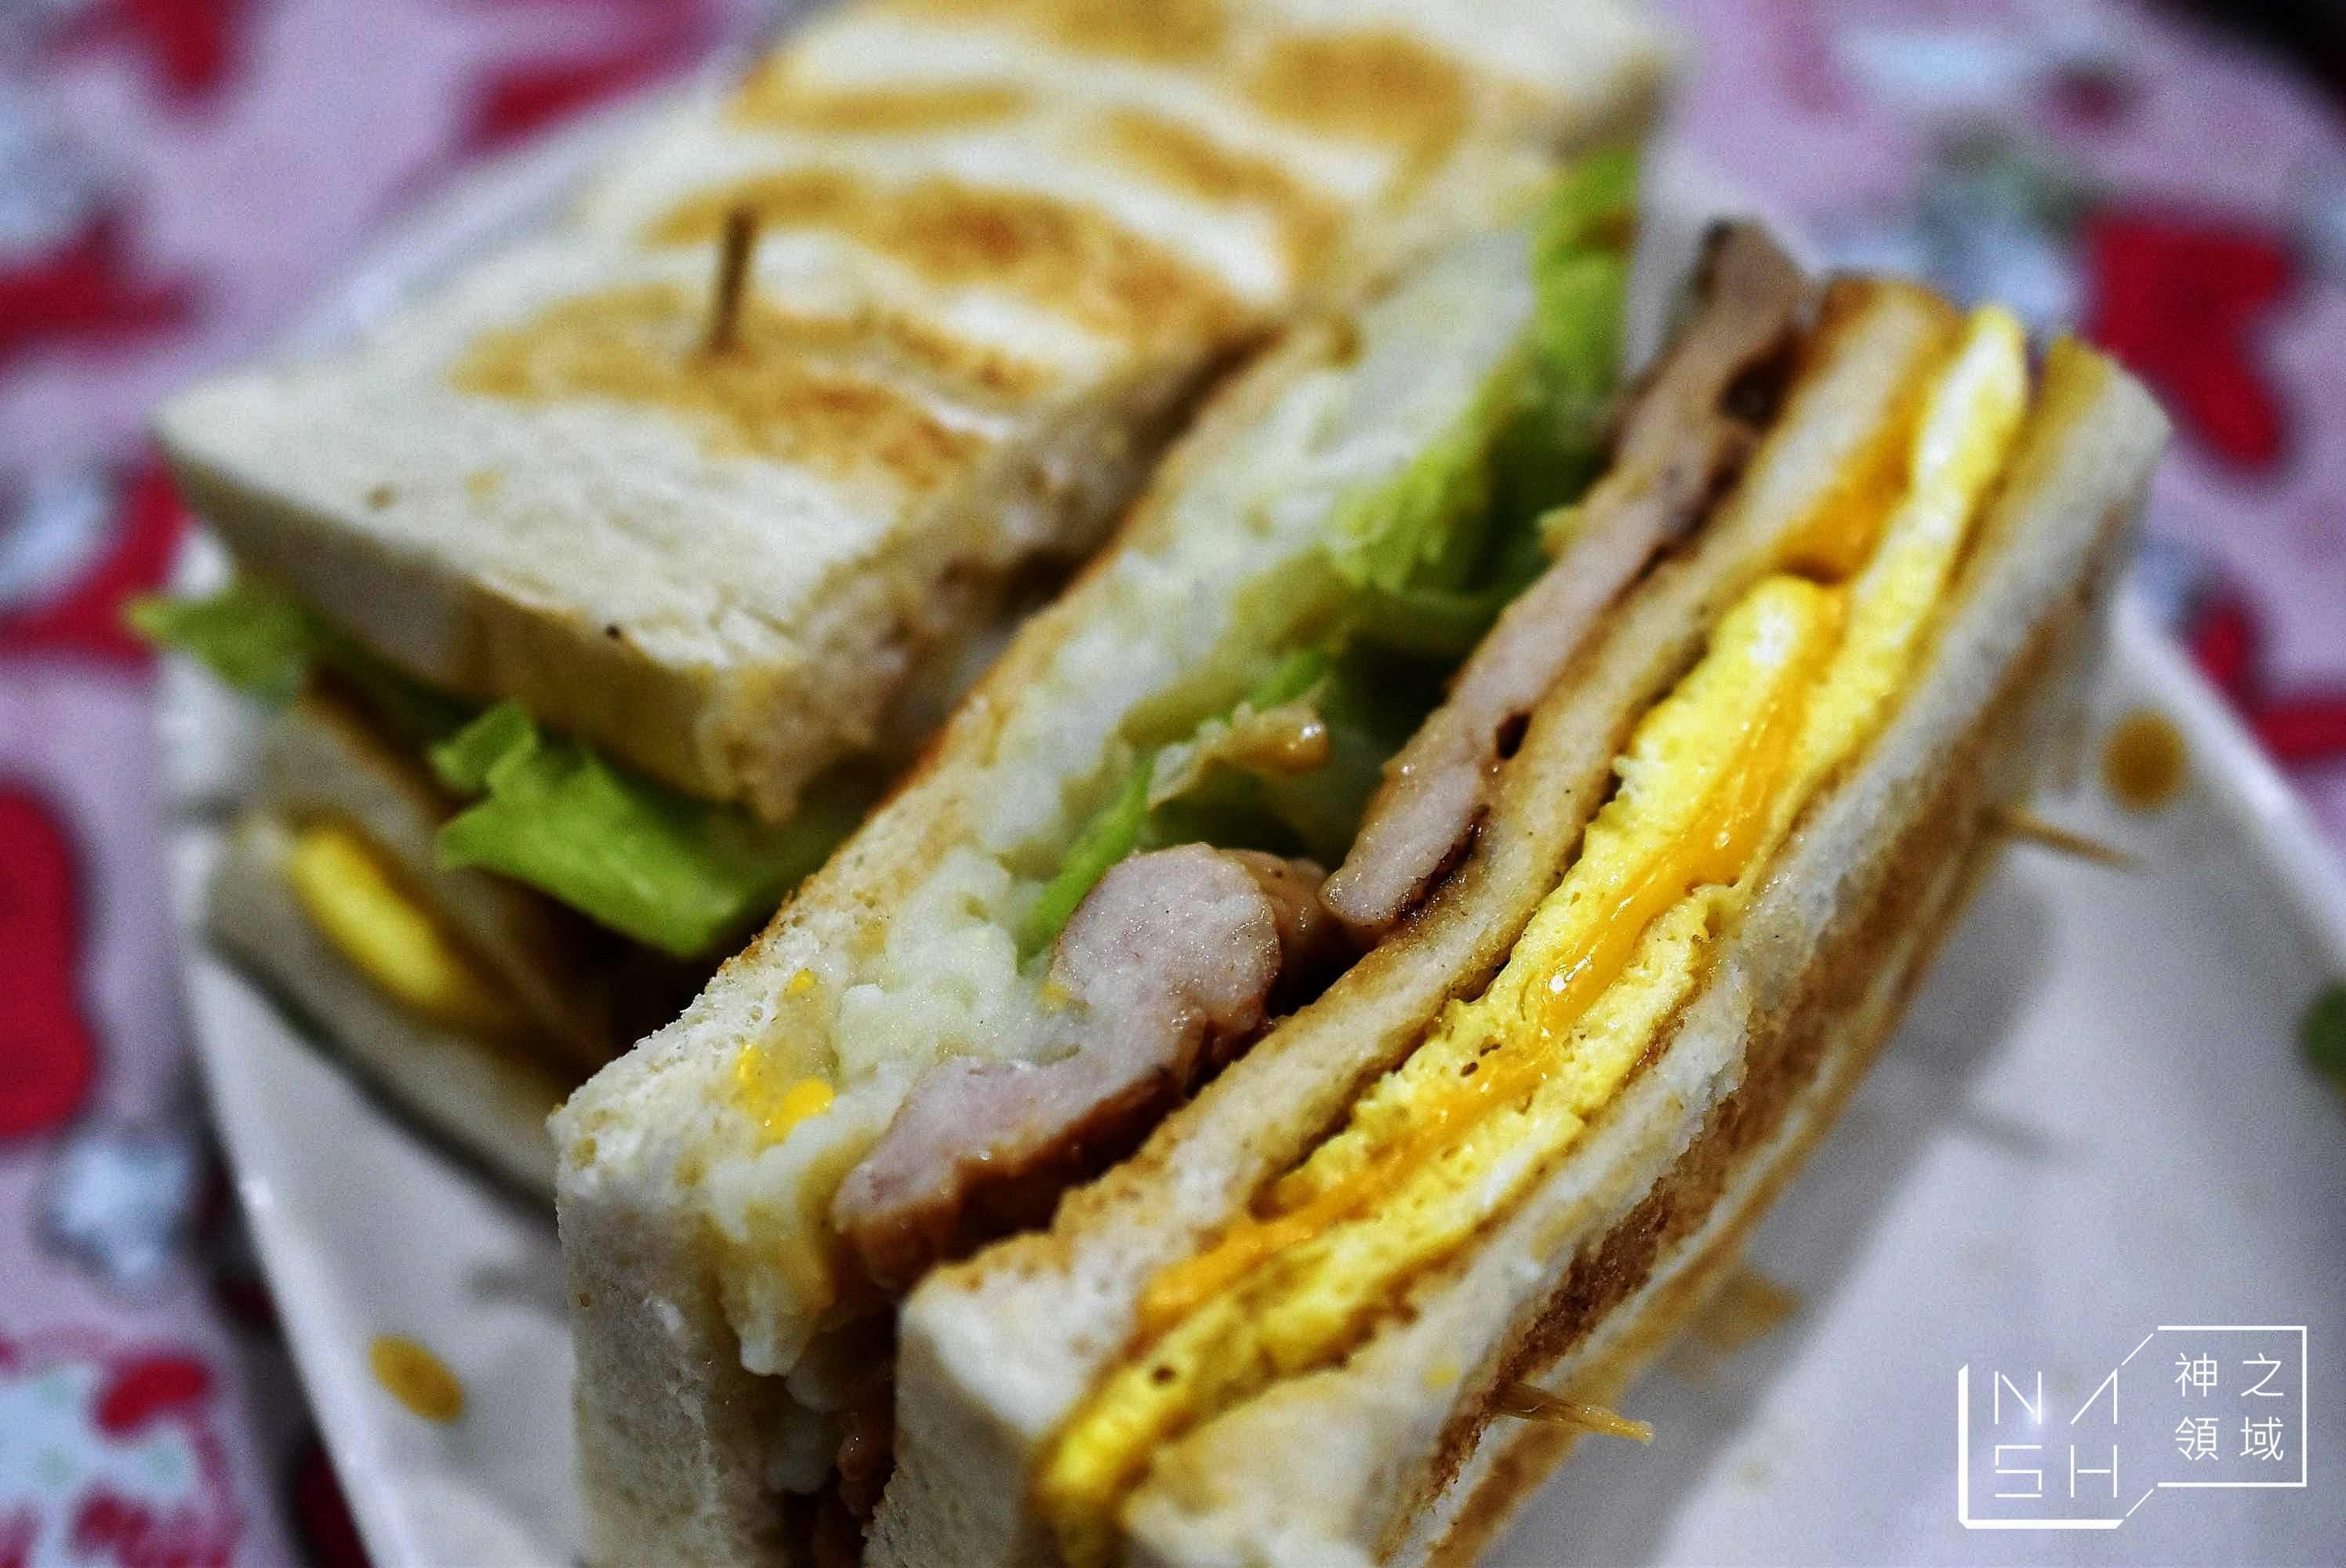 米豆早午餐,新莊早午餐 @Nash,神之領域